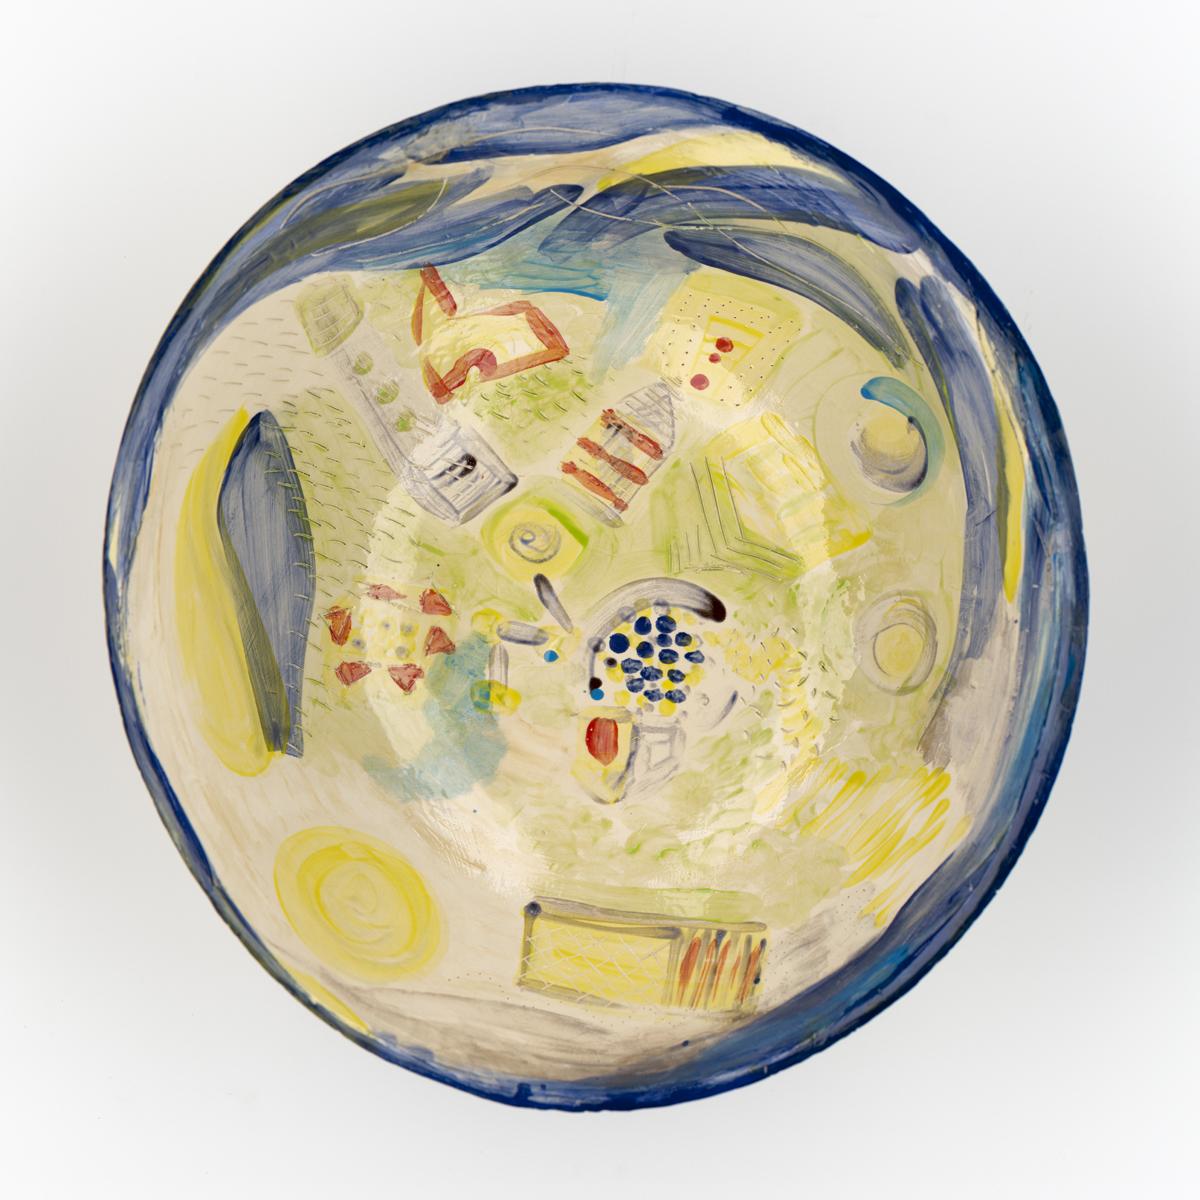 Vogelvlucht, Yvette Lardinois, ceramic